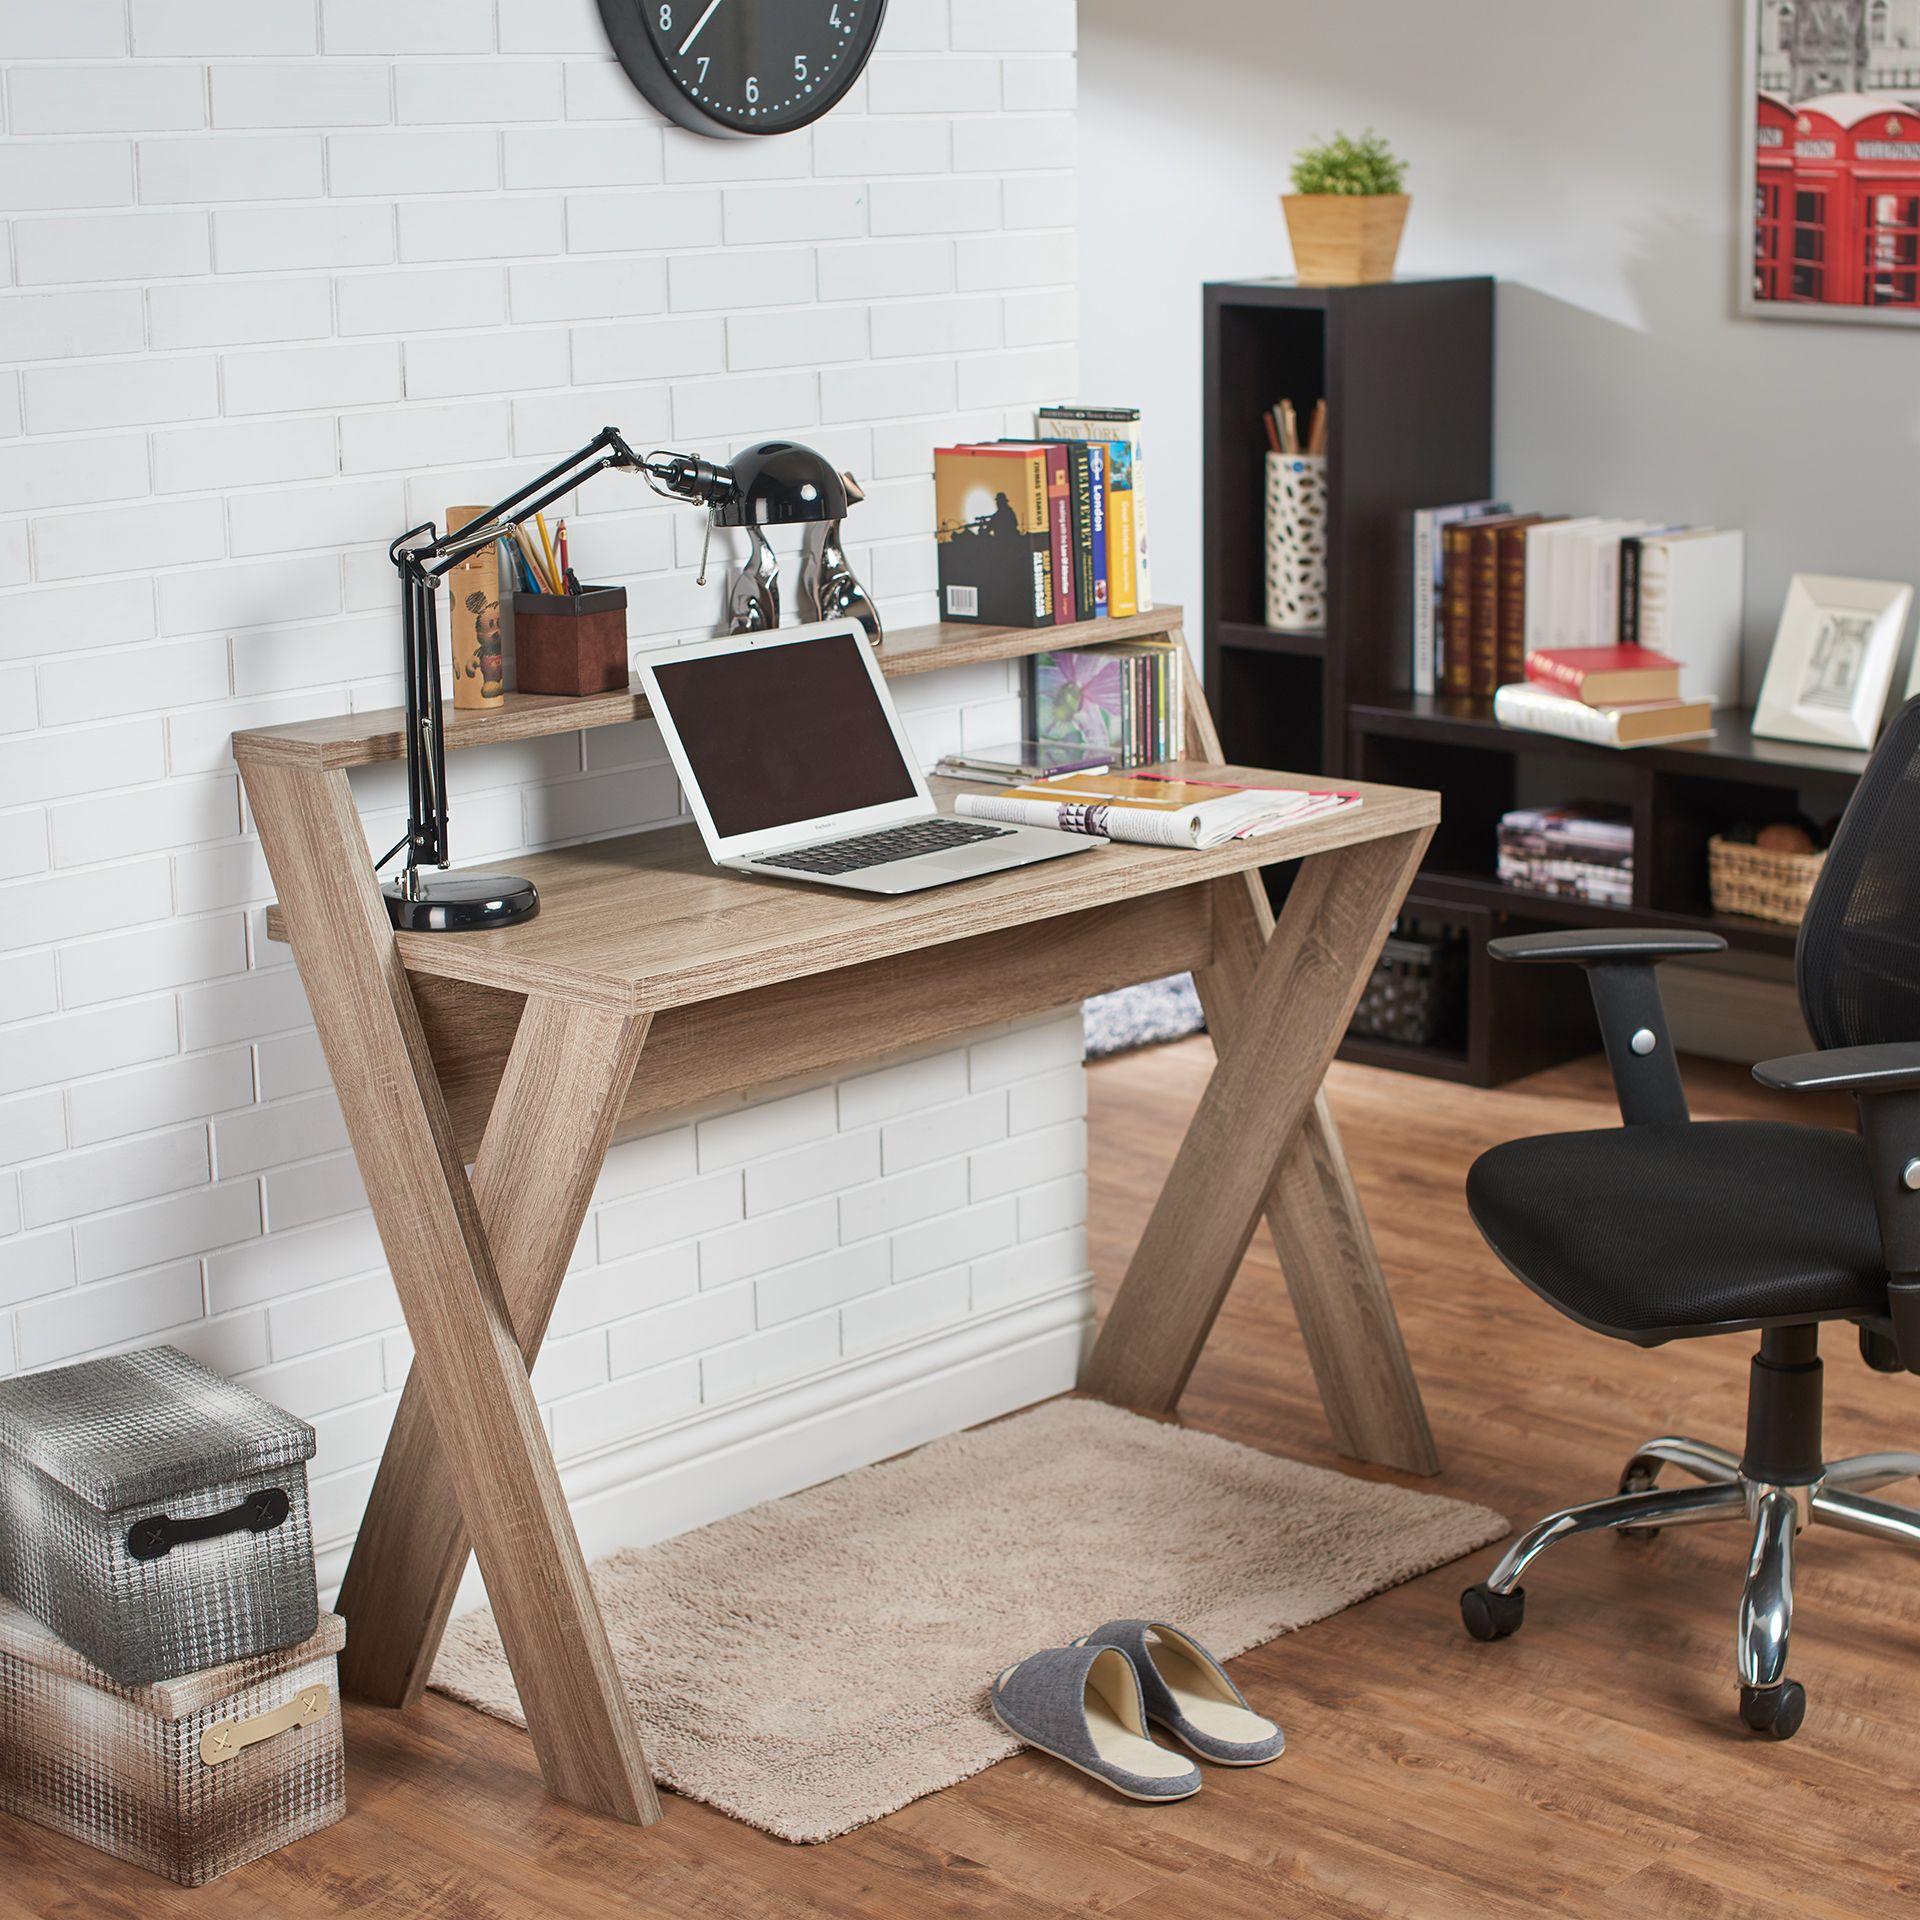 Furniture Of America Drolet Transitional Cross Legged Home Desk Beige Tan Diy Desk Plans Diy Office Desk Diy Furniture